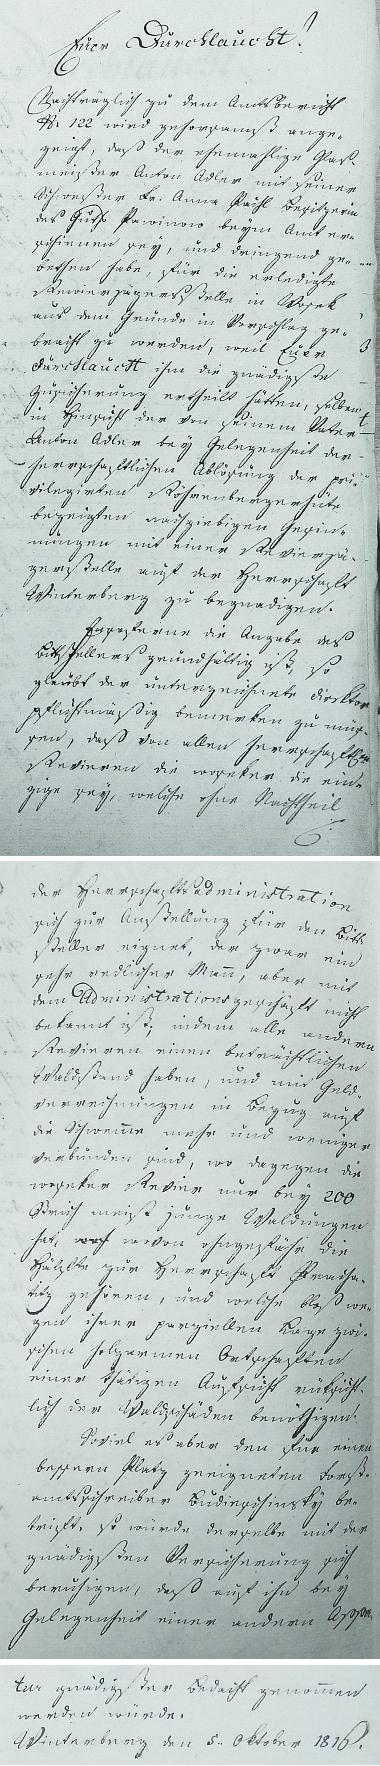 Žádost o místo revírníka v Osekách, podaná knížeti vimperskou kanceláří s datem 5. října 1816